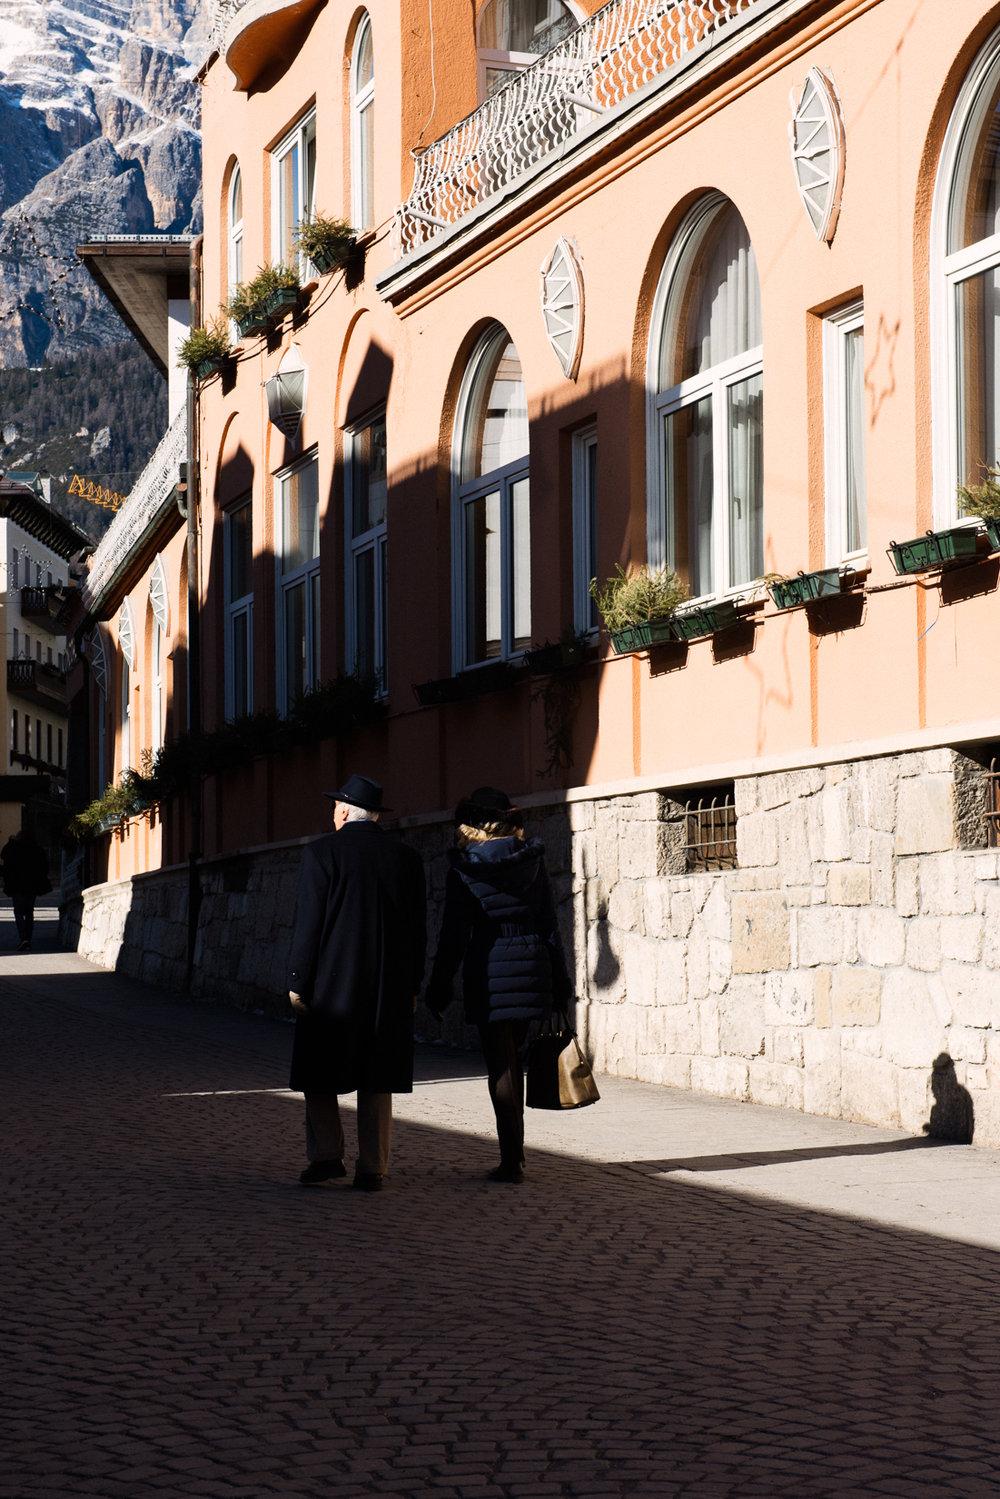 Cortina-7962.jpg